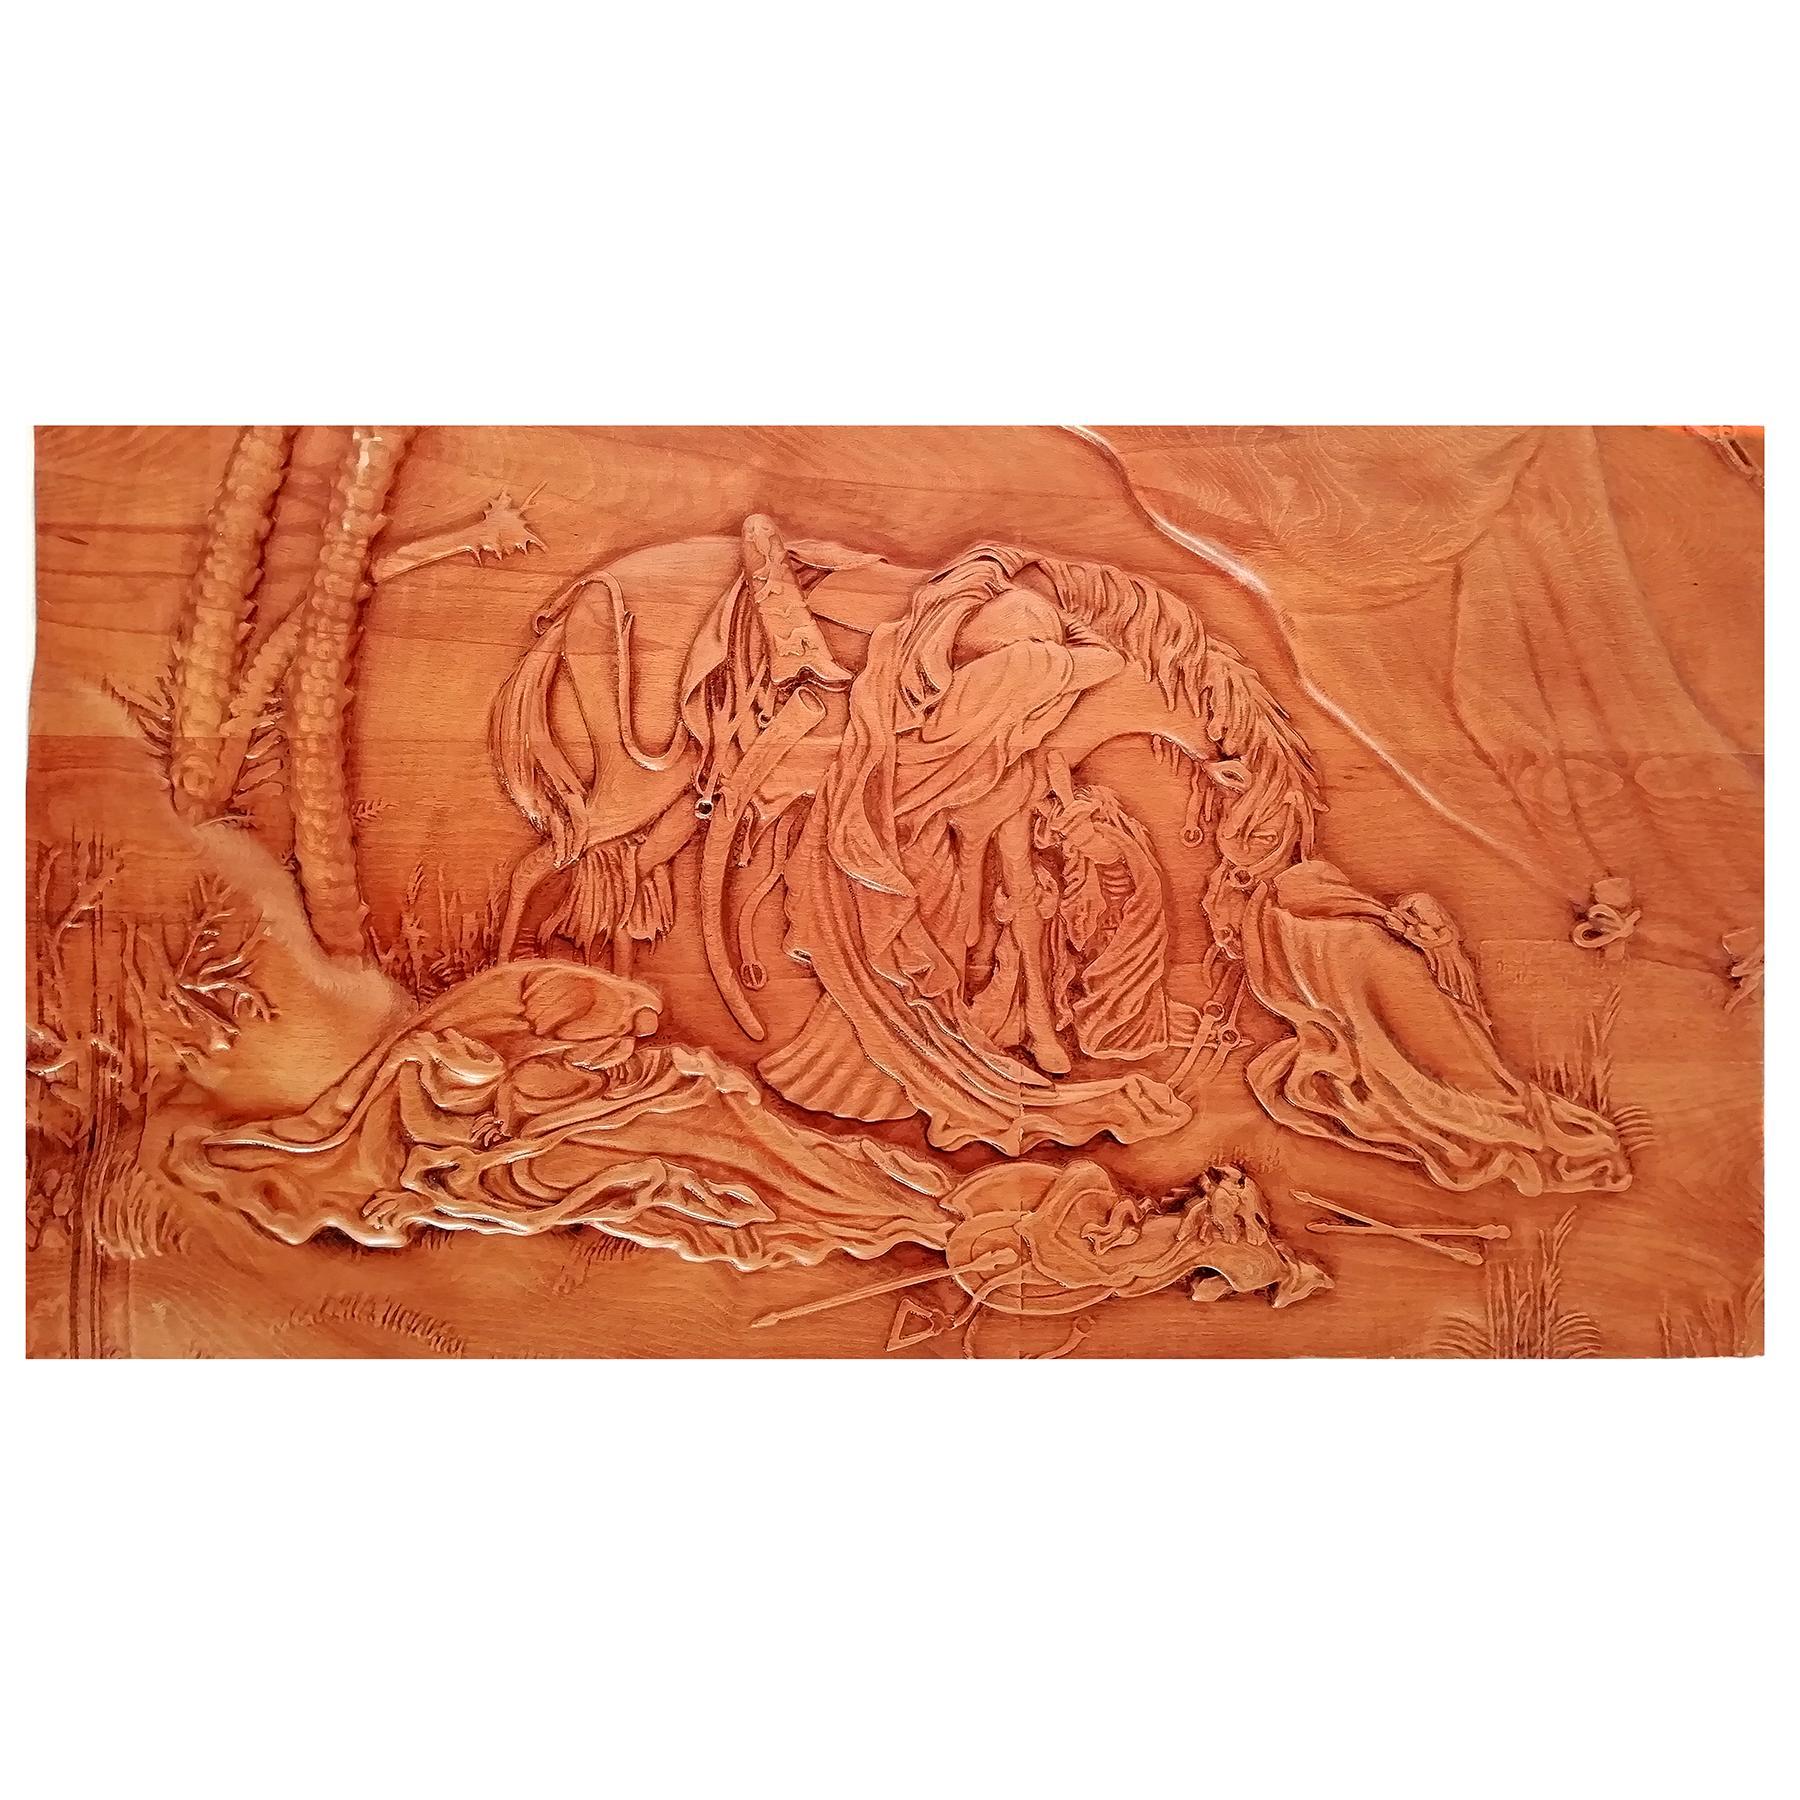 تابلو چوبی نقش برجسته سه بعدی منبت عصر عاشورا از نمای روبرو